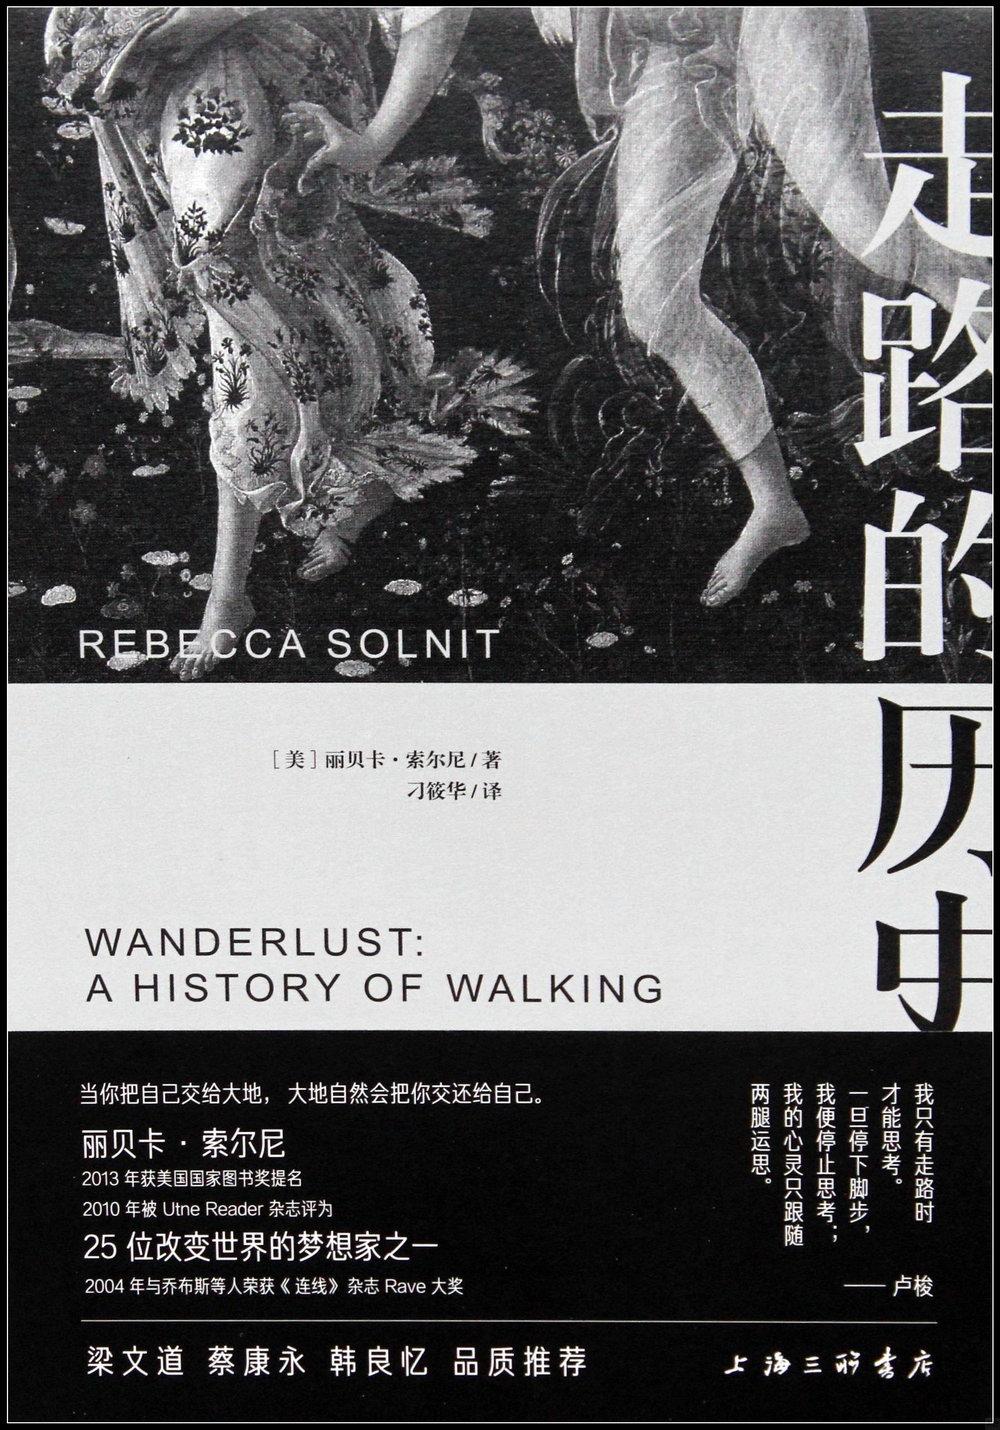 走路的歷史